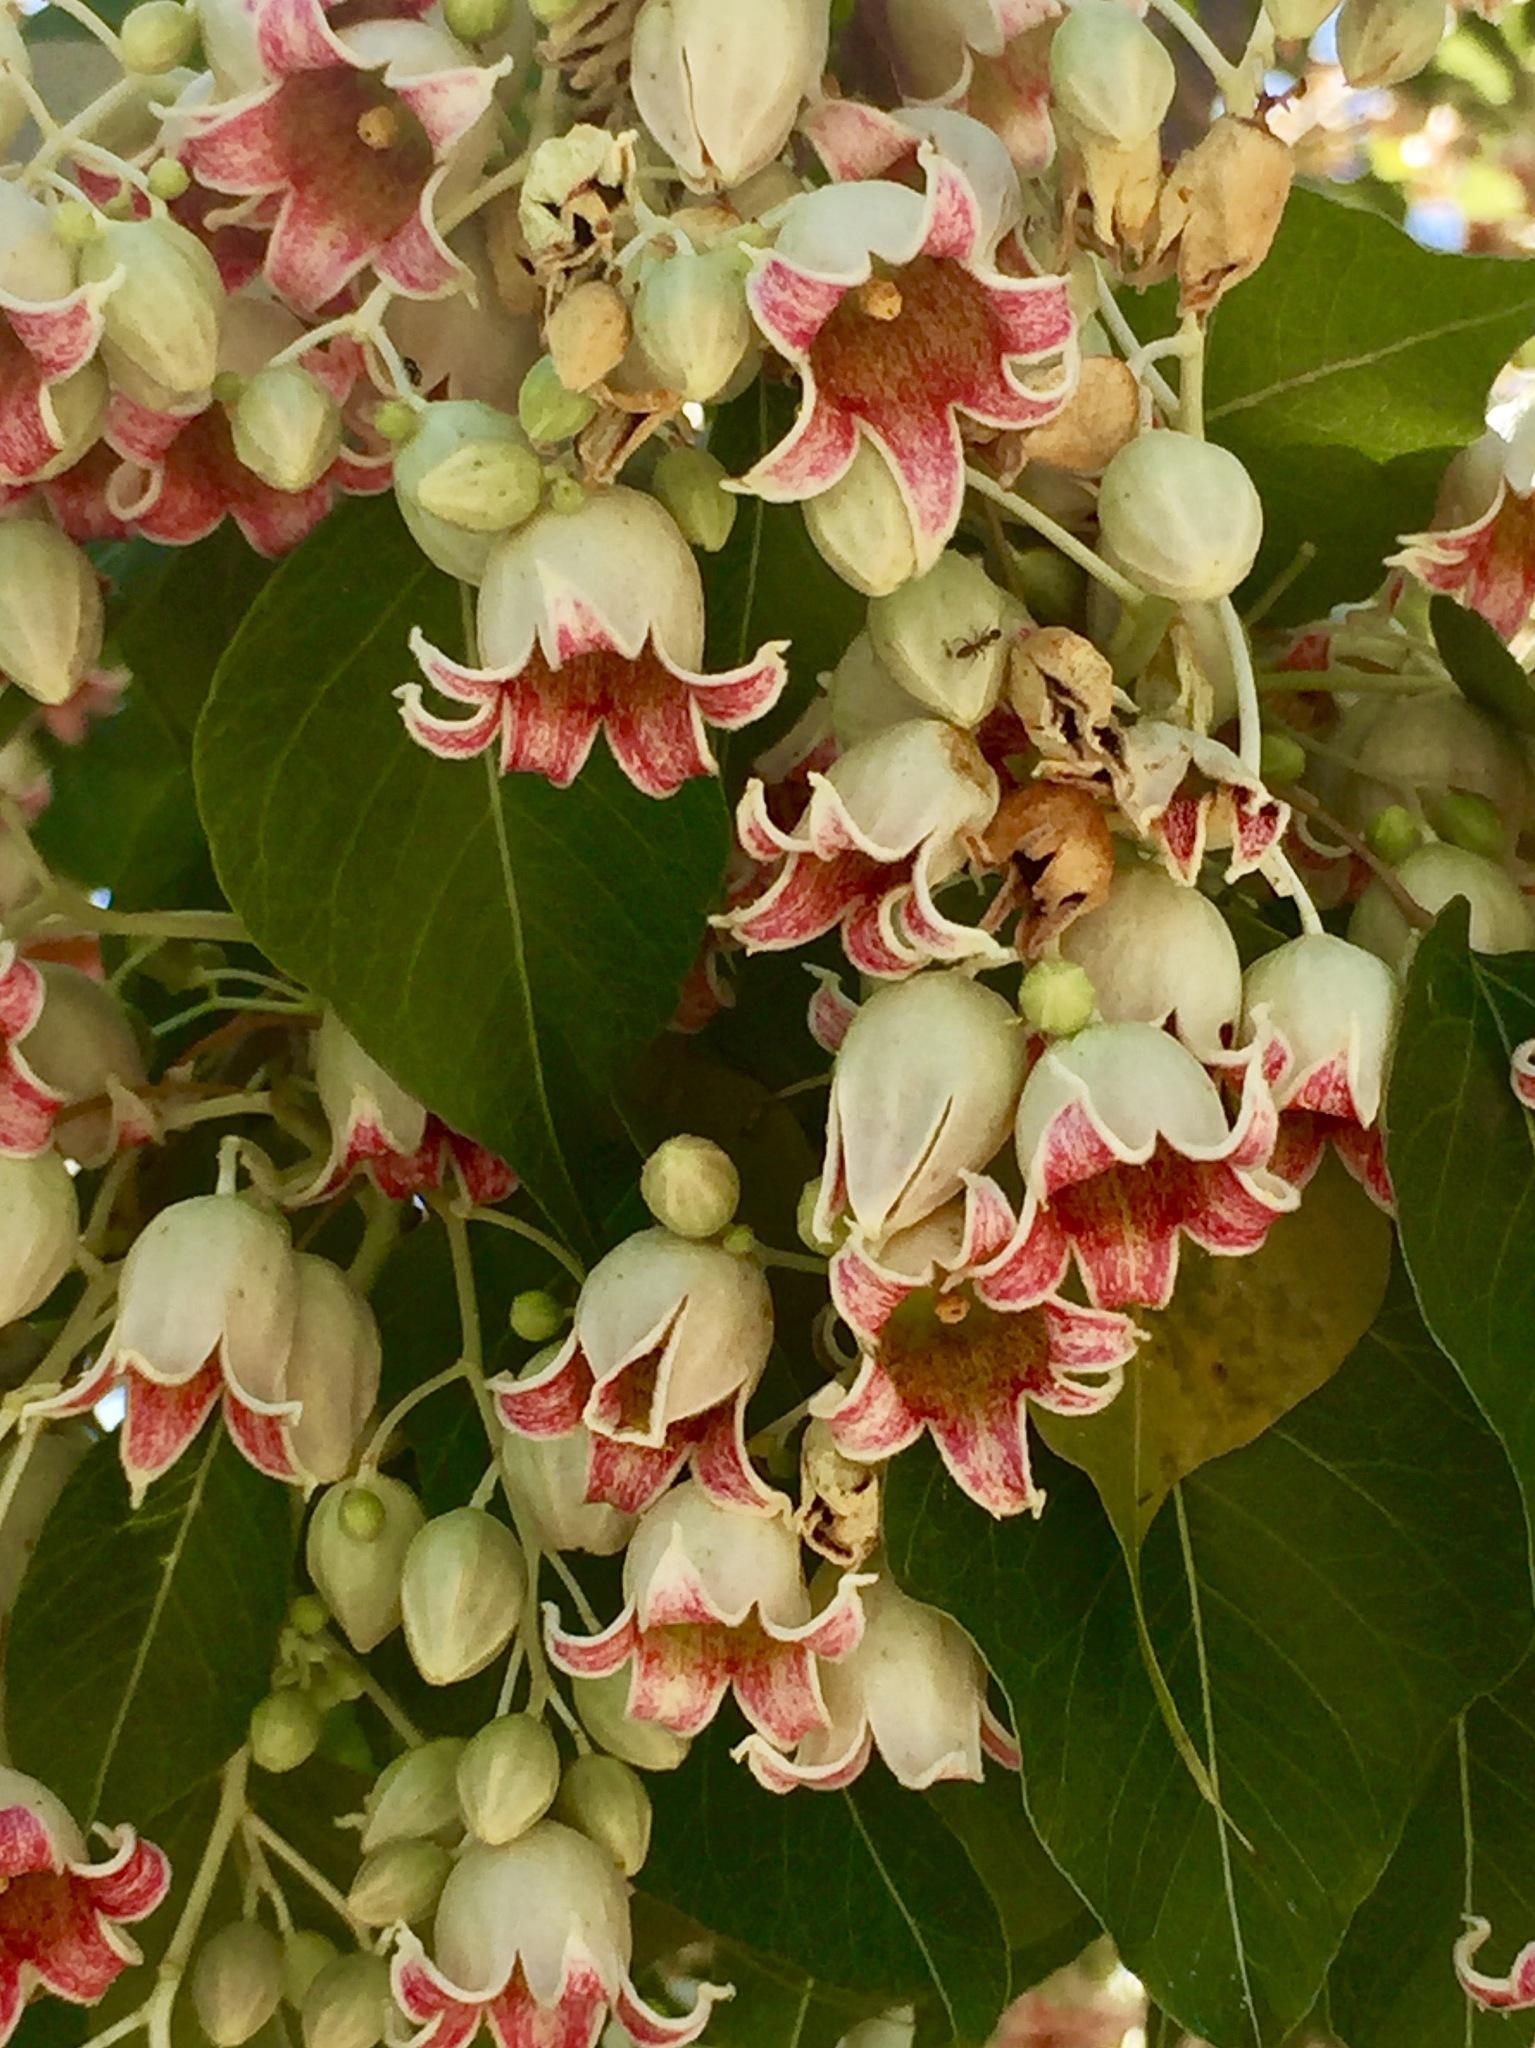 Pretty little flowers on a tree by maryann.mishko